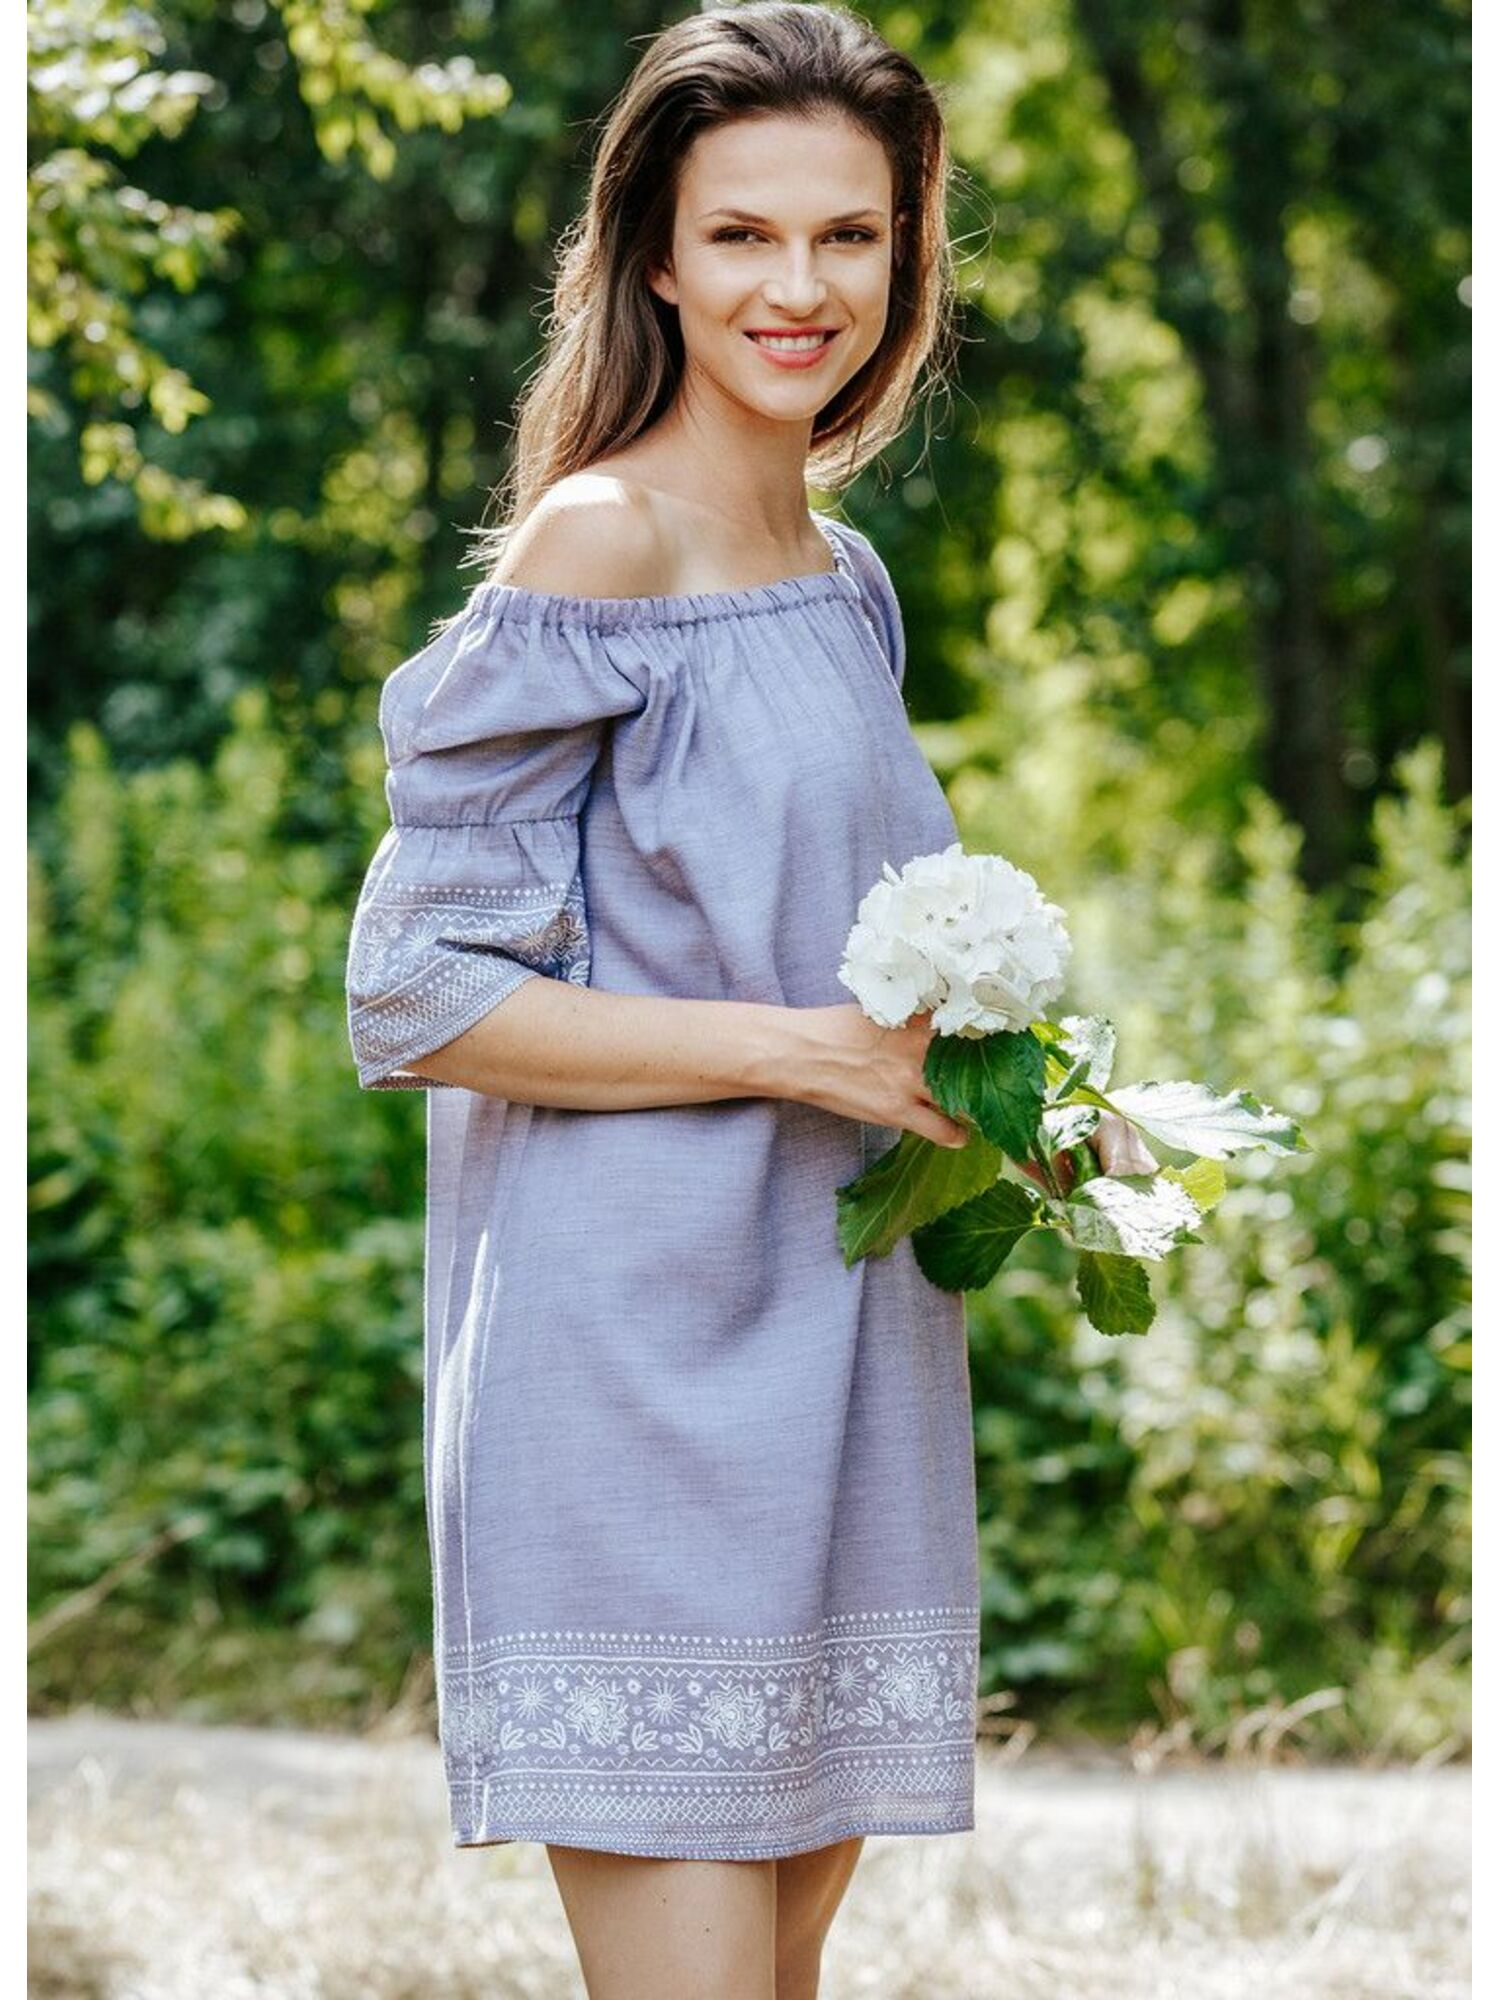 Платье/Туника из вискозы KEY_LHD 576 A20 с вышивкой, голубое, KEY